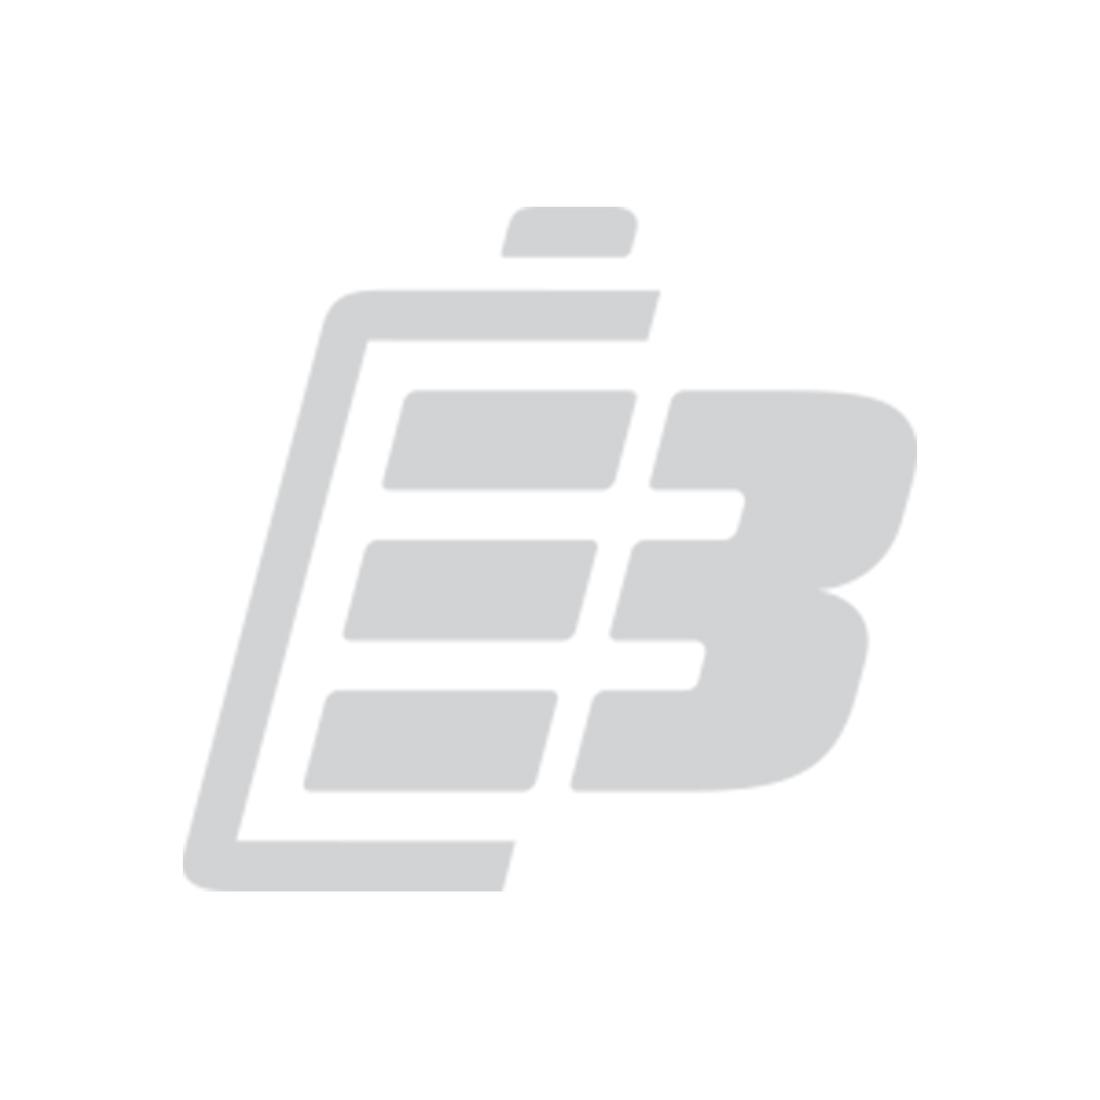 Ψηφιακος Φορτιστης Powerex MH-C800S 1